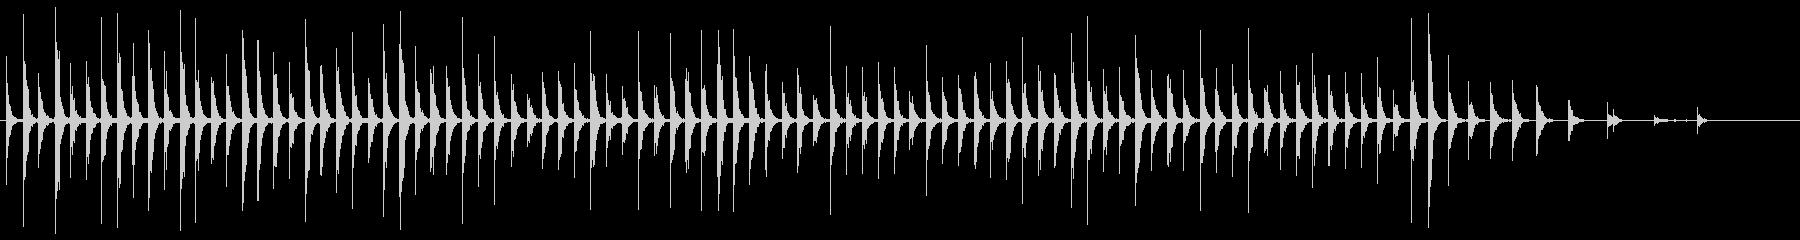 マーブルフロア:アーミーブーツ:ラ...の未再生の波形